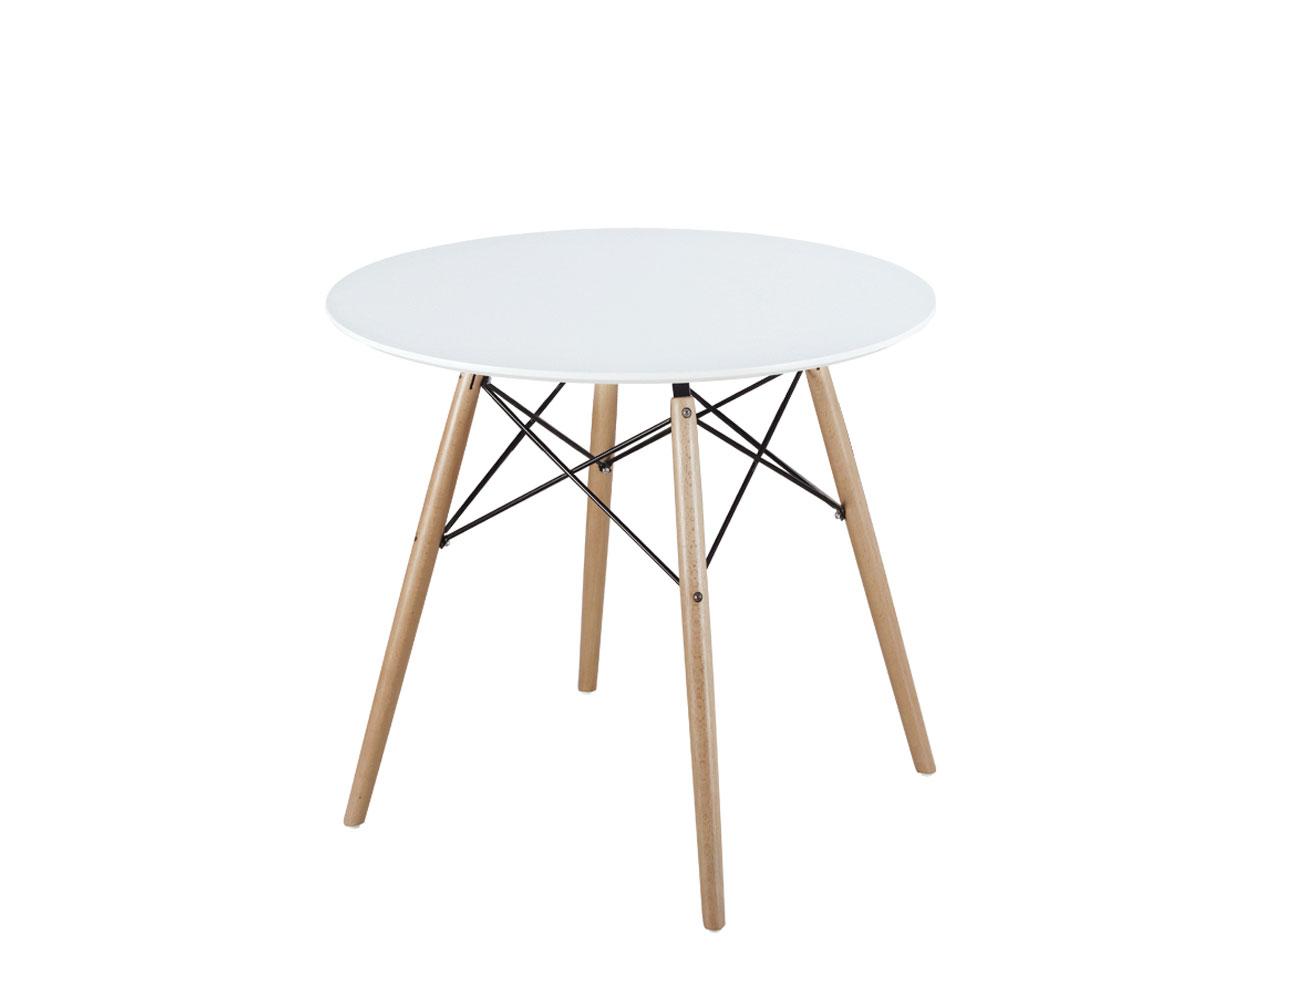 Mesa de comedor de dise o redonda en dm con patas en for Mesa comedor redonda madera